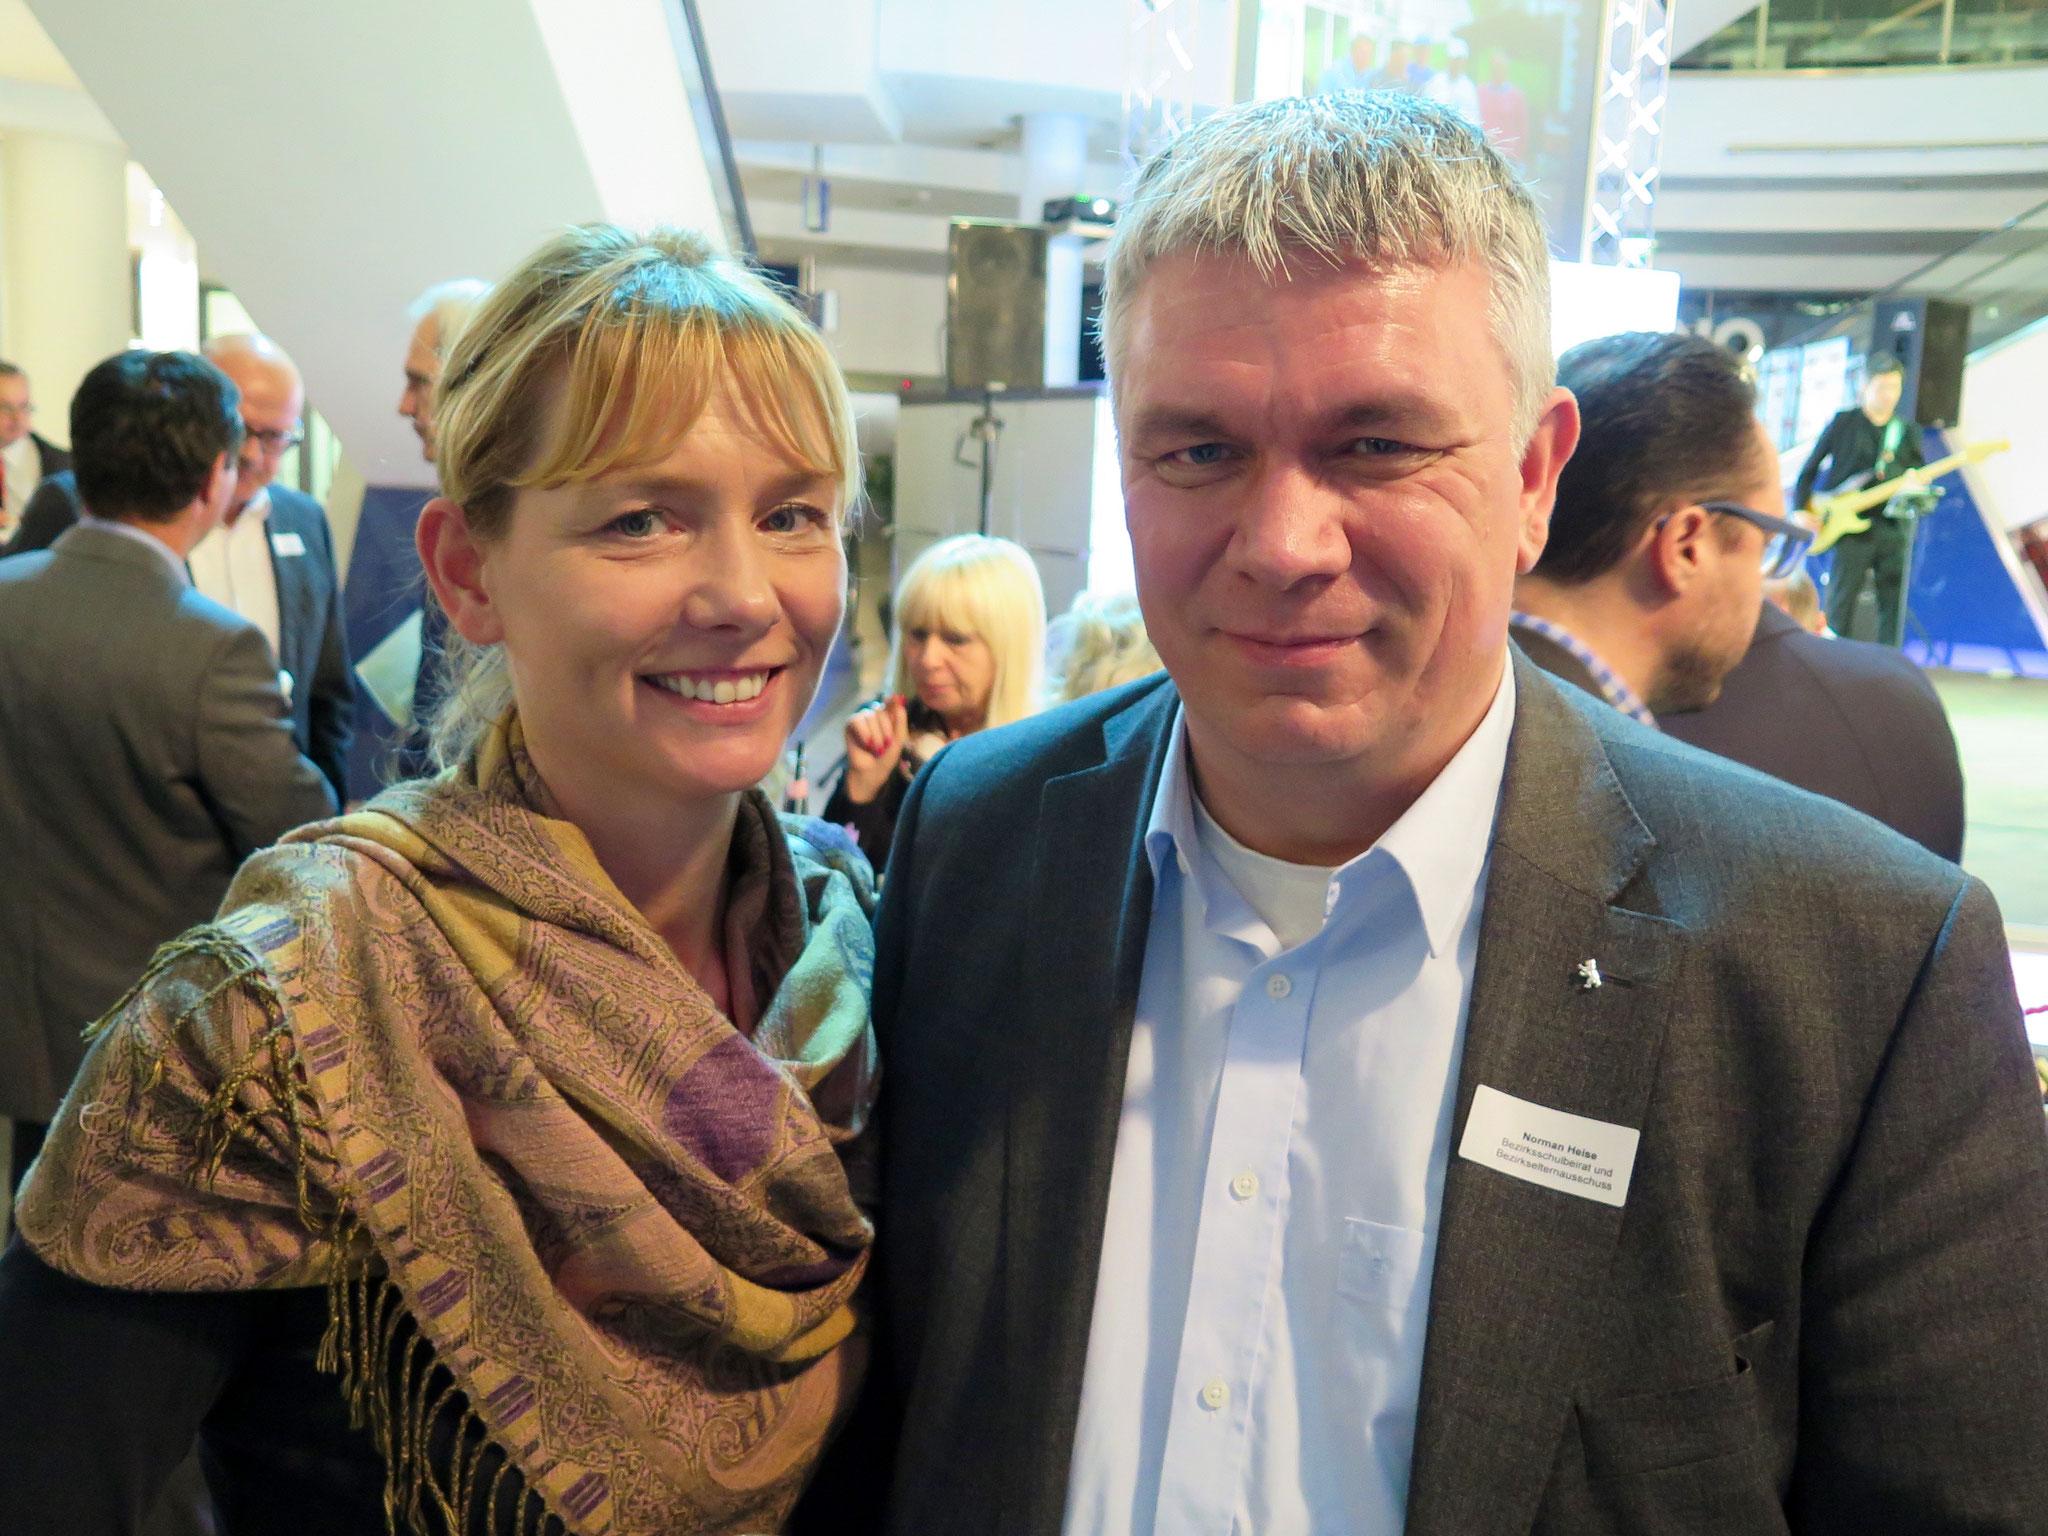 Beate Conrad, Leiterin der Wirtschaftsstelle im Marzahn-Hellersdorfer Schul- und Sportamt, mit Norman Heise, u. a. Vorsitzender des Landeselternausschusses